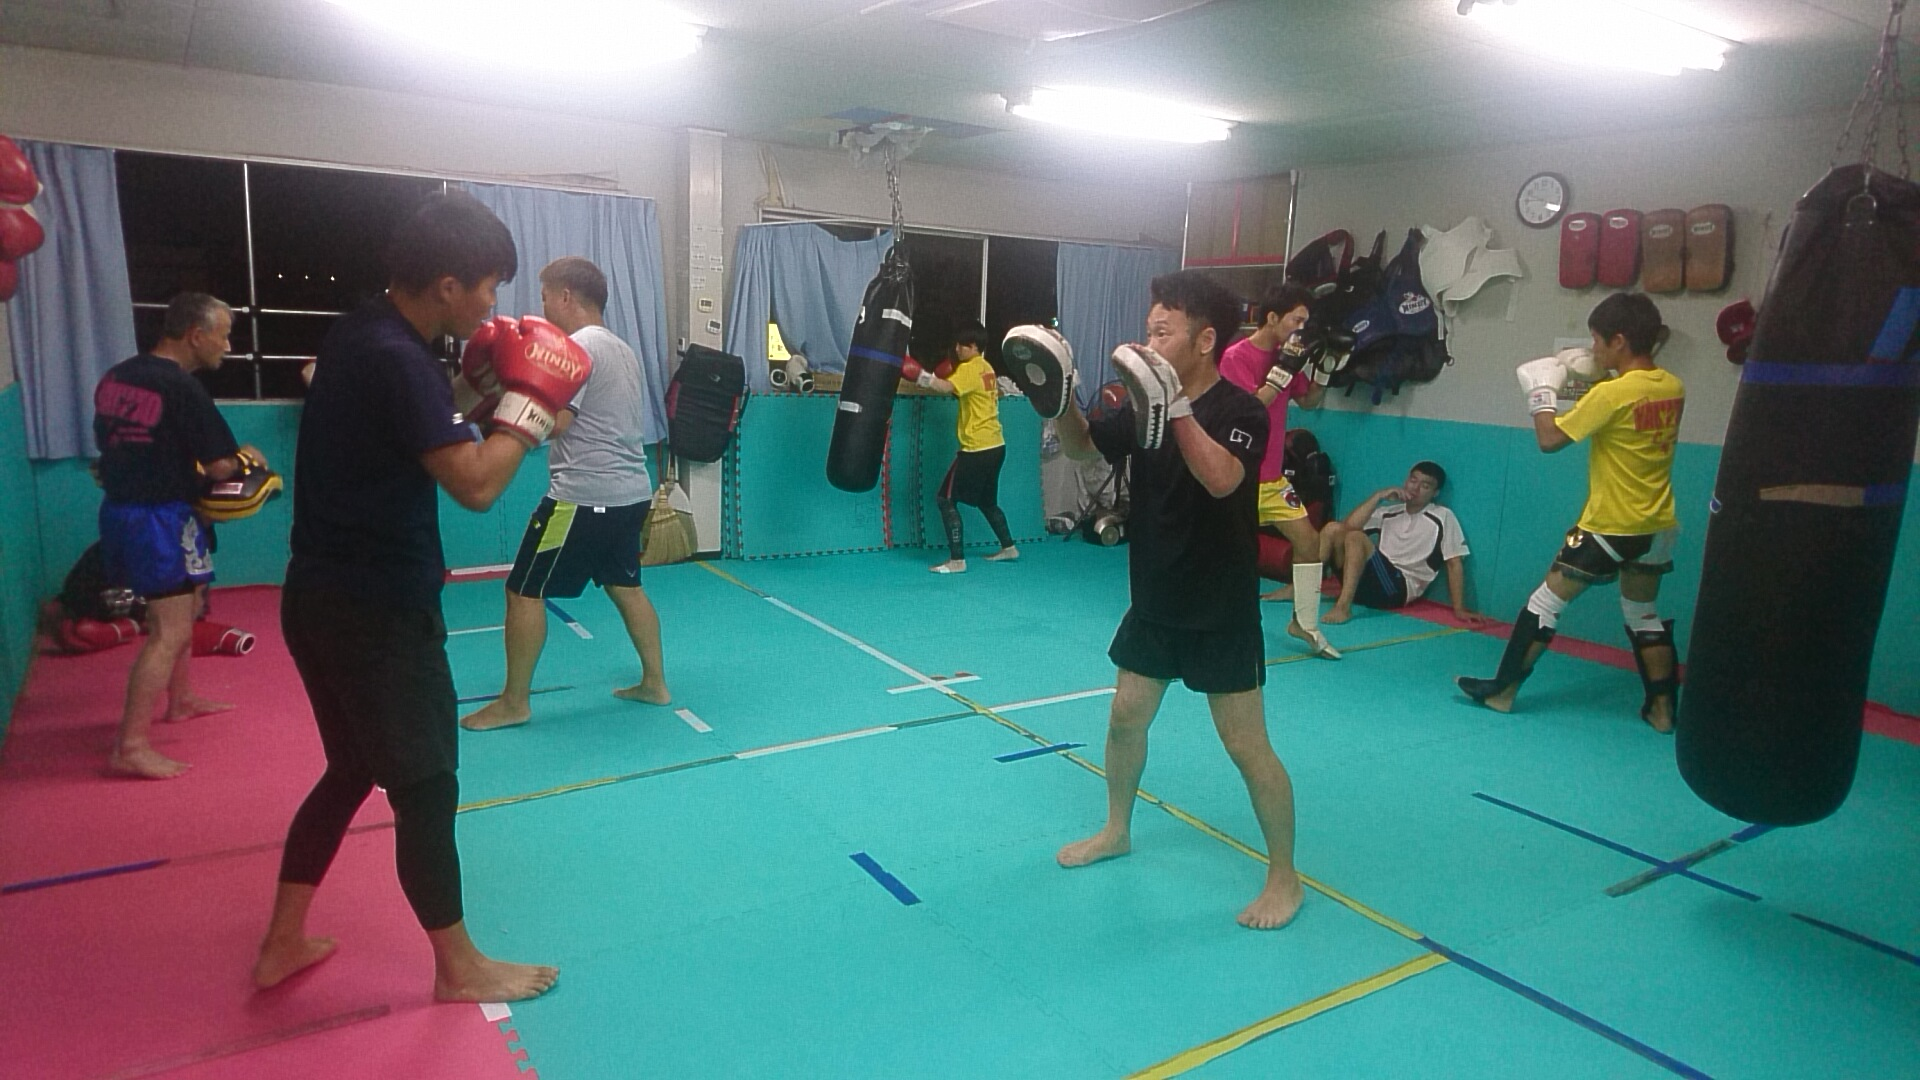 キックボクシングteamYAMATOは各自のレベルでの練習をしています。